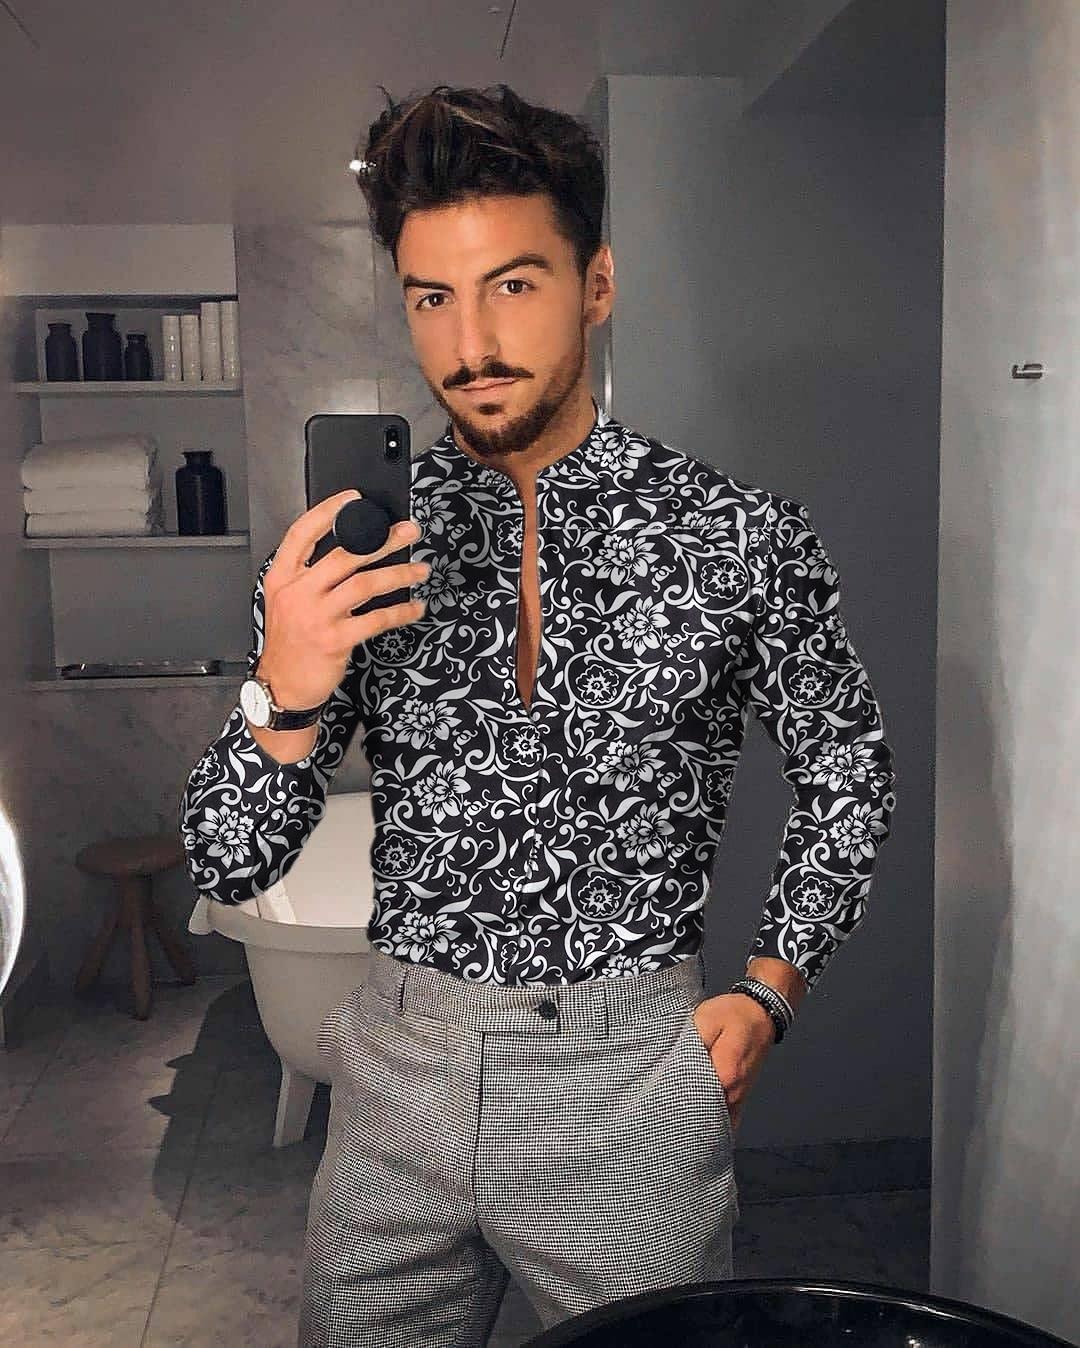 Мужская длинная рубашка с цветочным принтом, приталенная рубашка с длинным рукавом, мужская кофта с цветочным принтом, новинка 2021